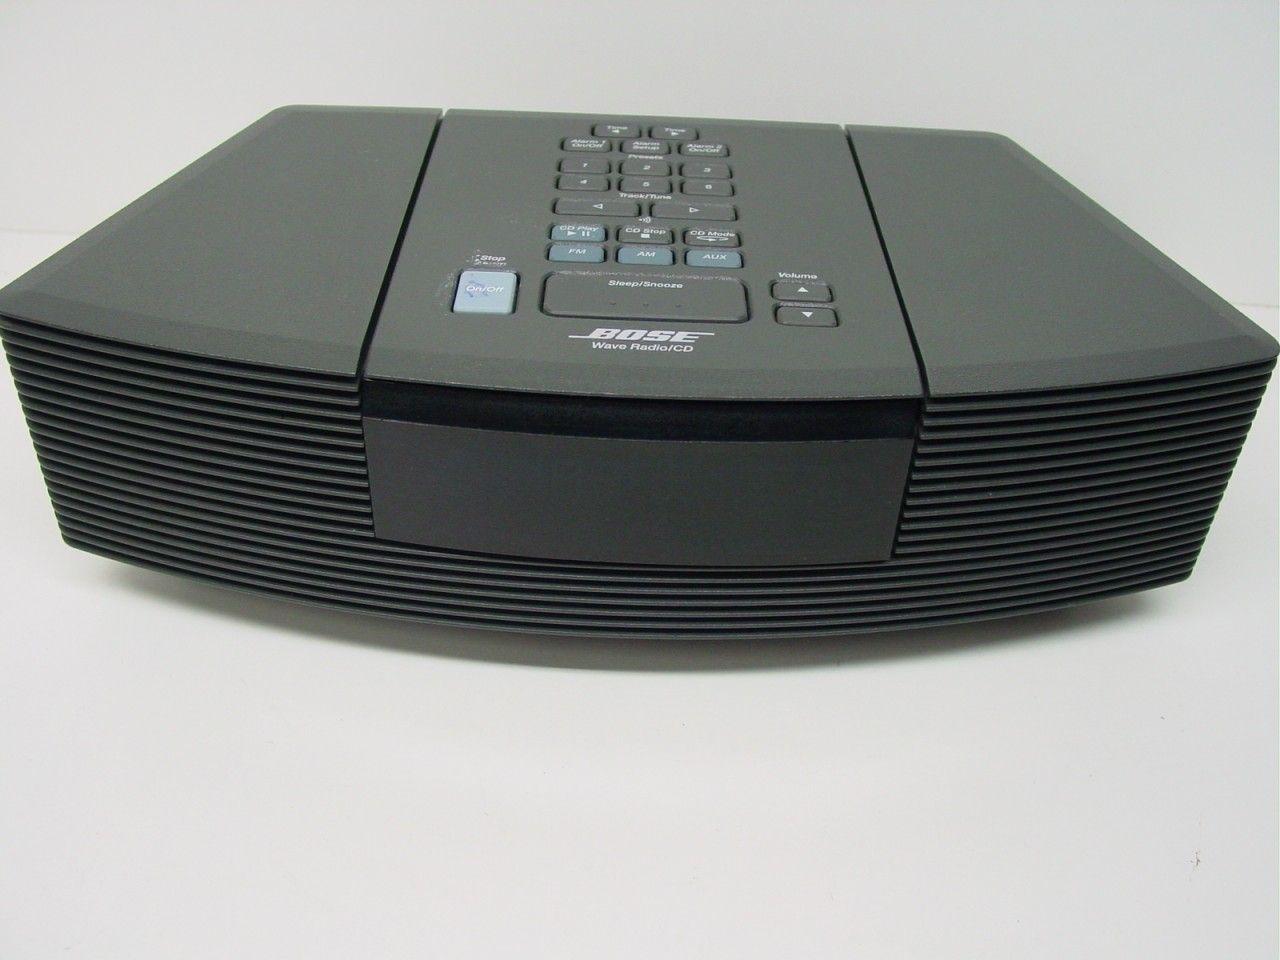 SmartBuysOnly.com - Bose AWRC-1G Wave Radio CD Player AM-FM Black, $250.00 (http://smartbuysonly.com/home-audio/Bose-AWRC-1G-Wave-Radio-CD-Player-AM-FM-Black/)